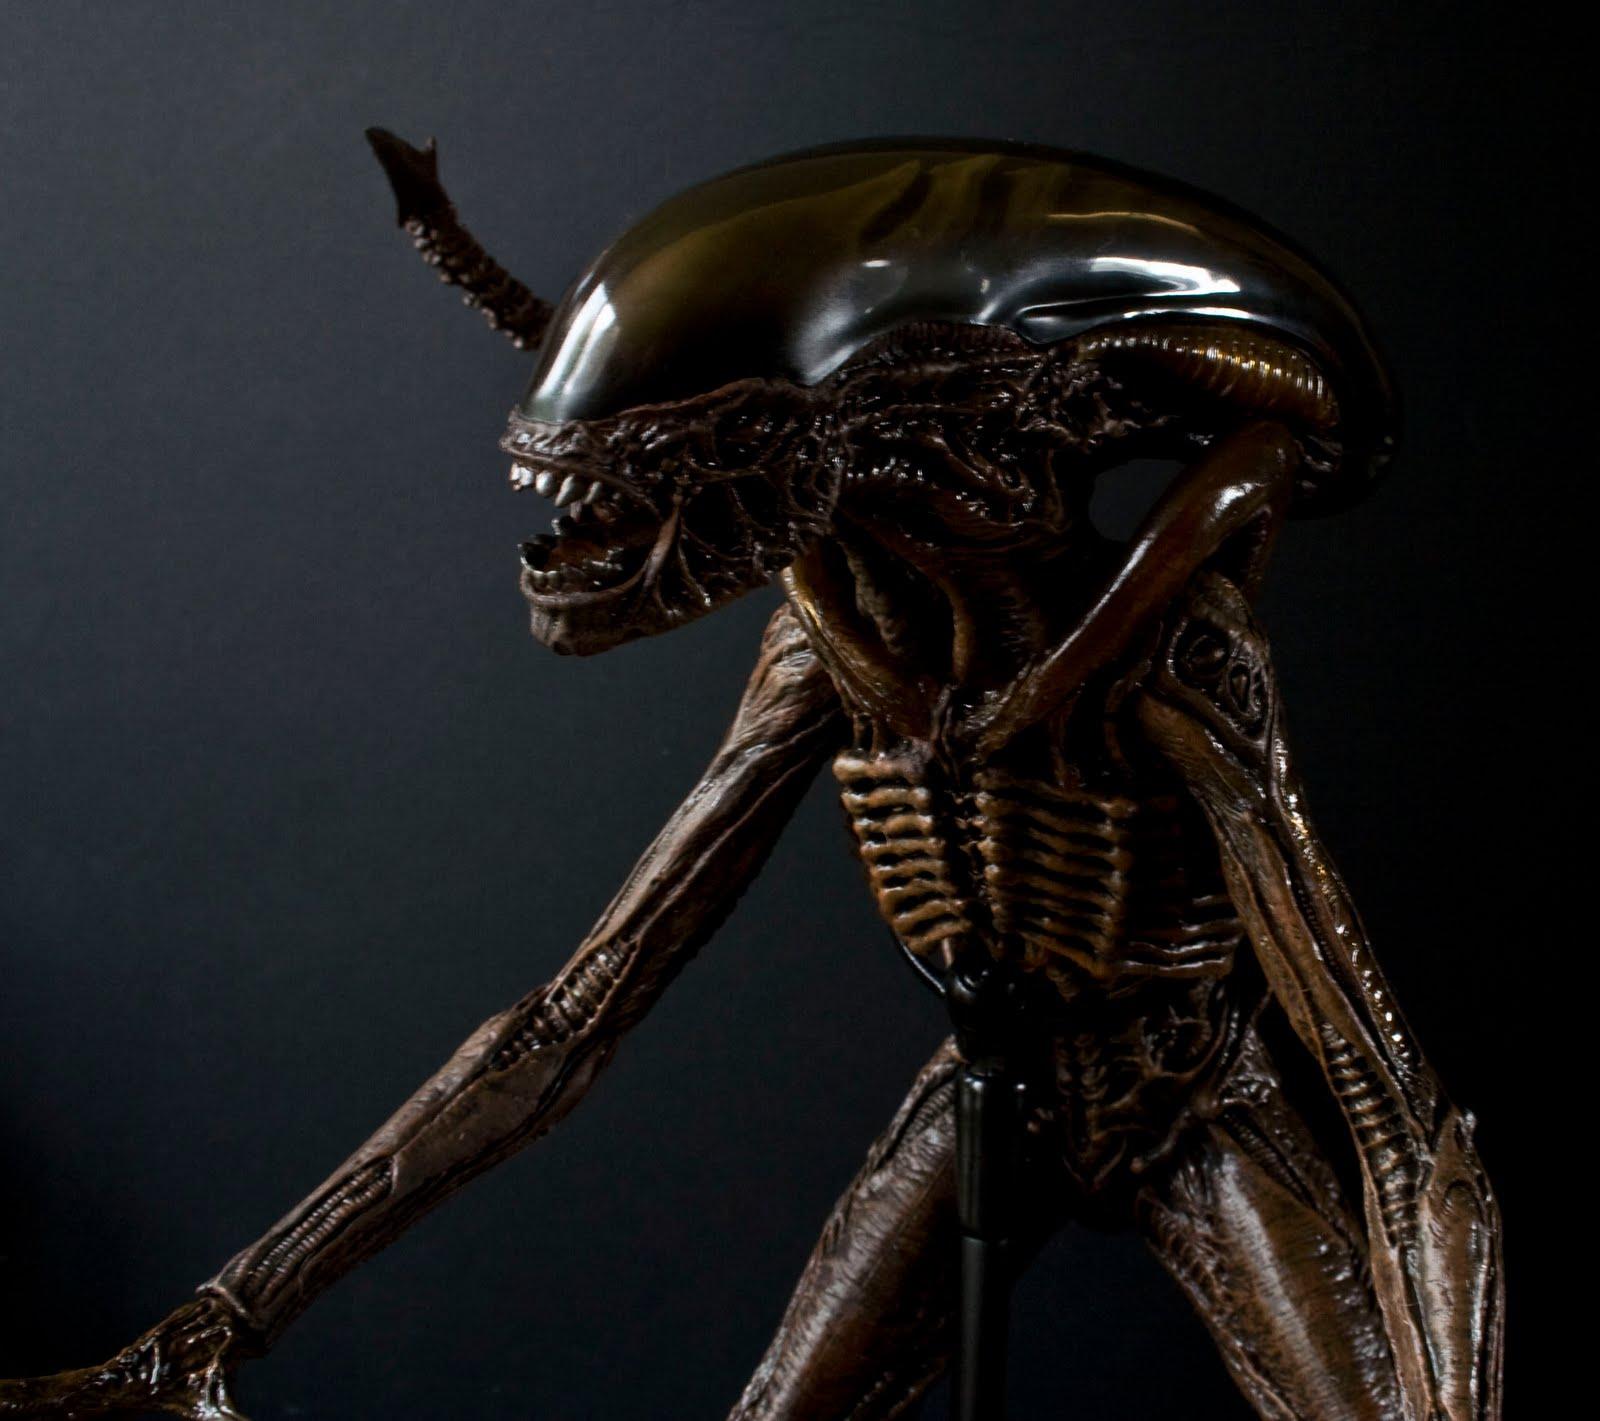 doons dungeon hot toys alien 3 dog alien review